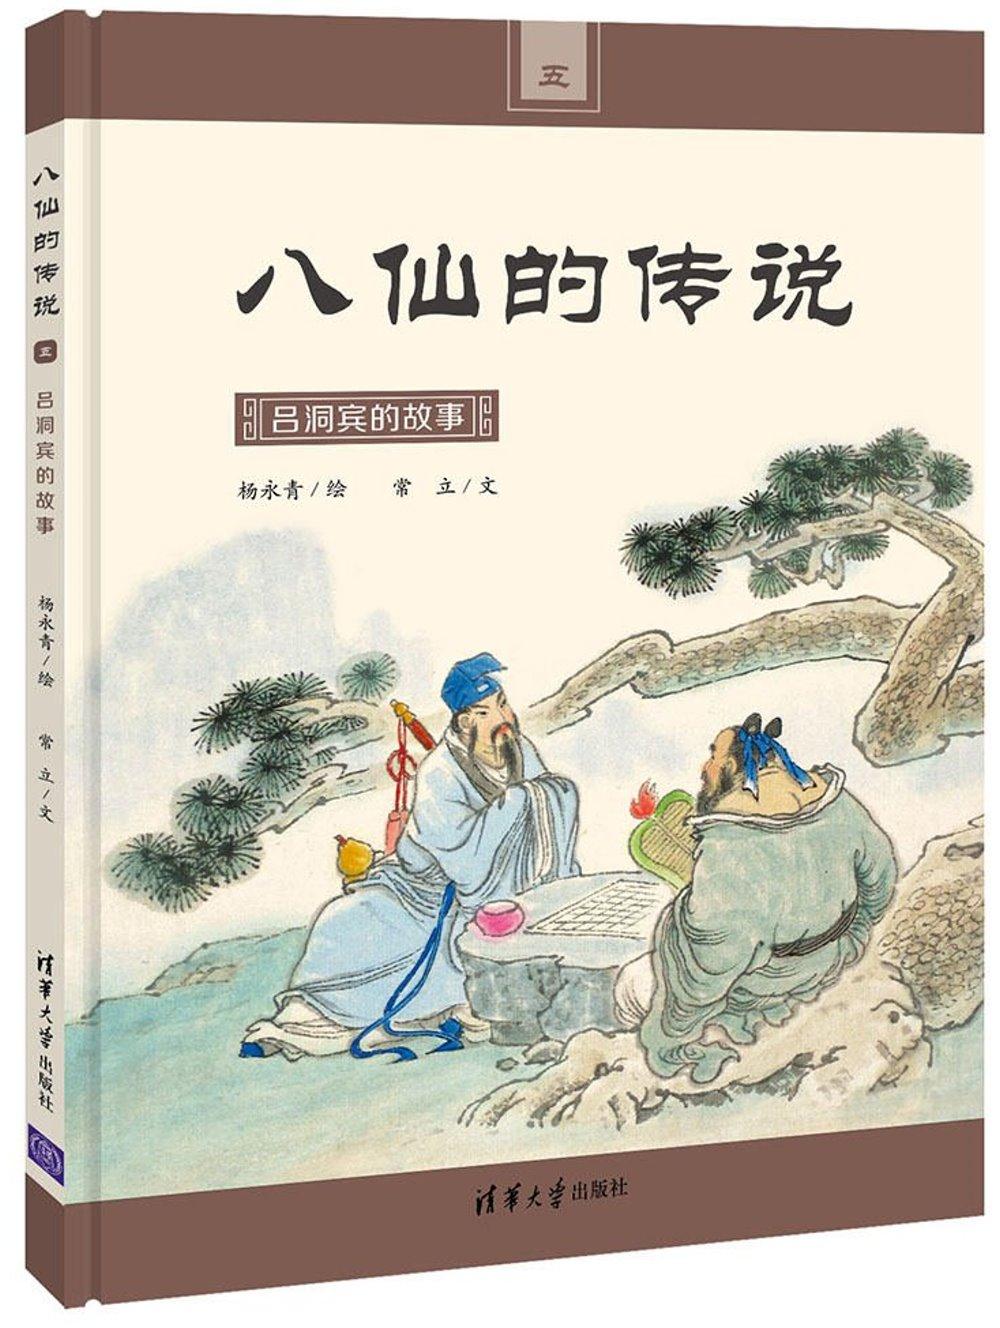 八仙的傳說(五):呂洞賓的故事